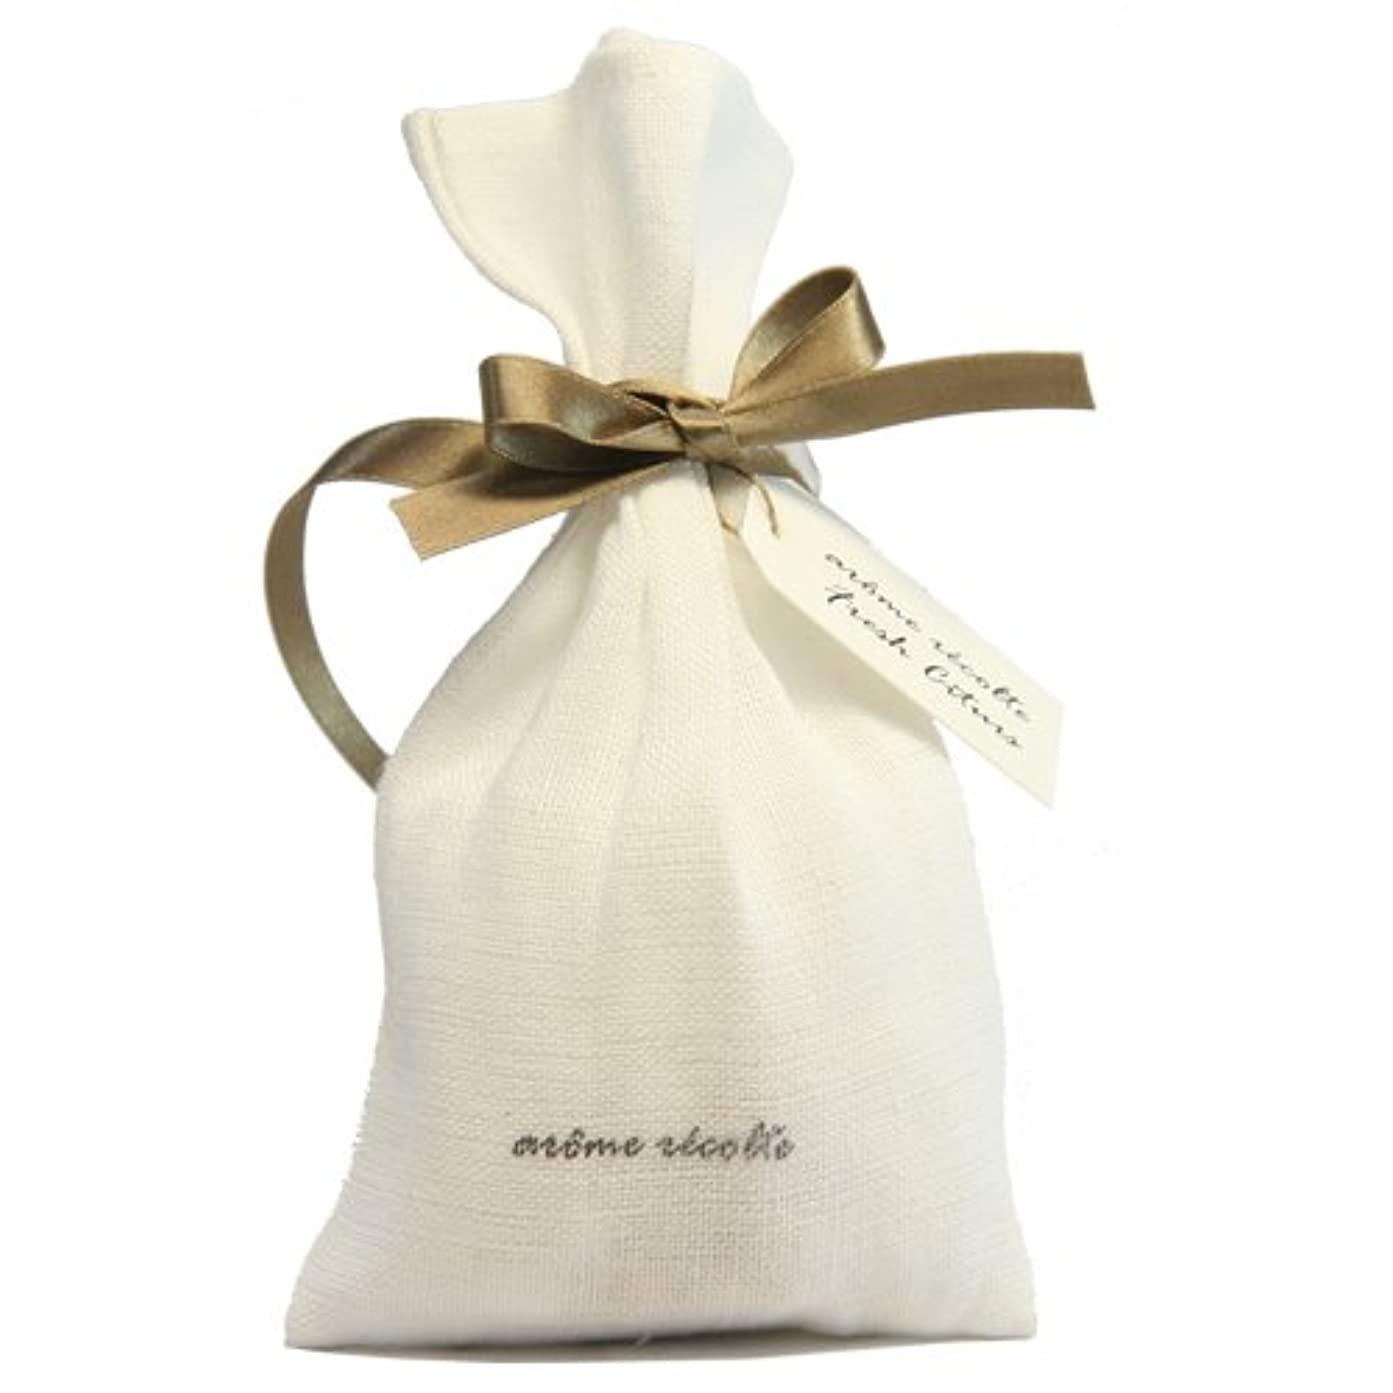 世界的に状況苦痛アロマレコルト ナチュラルサシェ(香り袋) フレッシュシトラス【Fresh Citurs】 arome rcolte